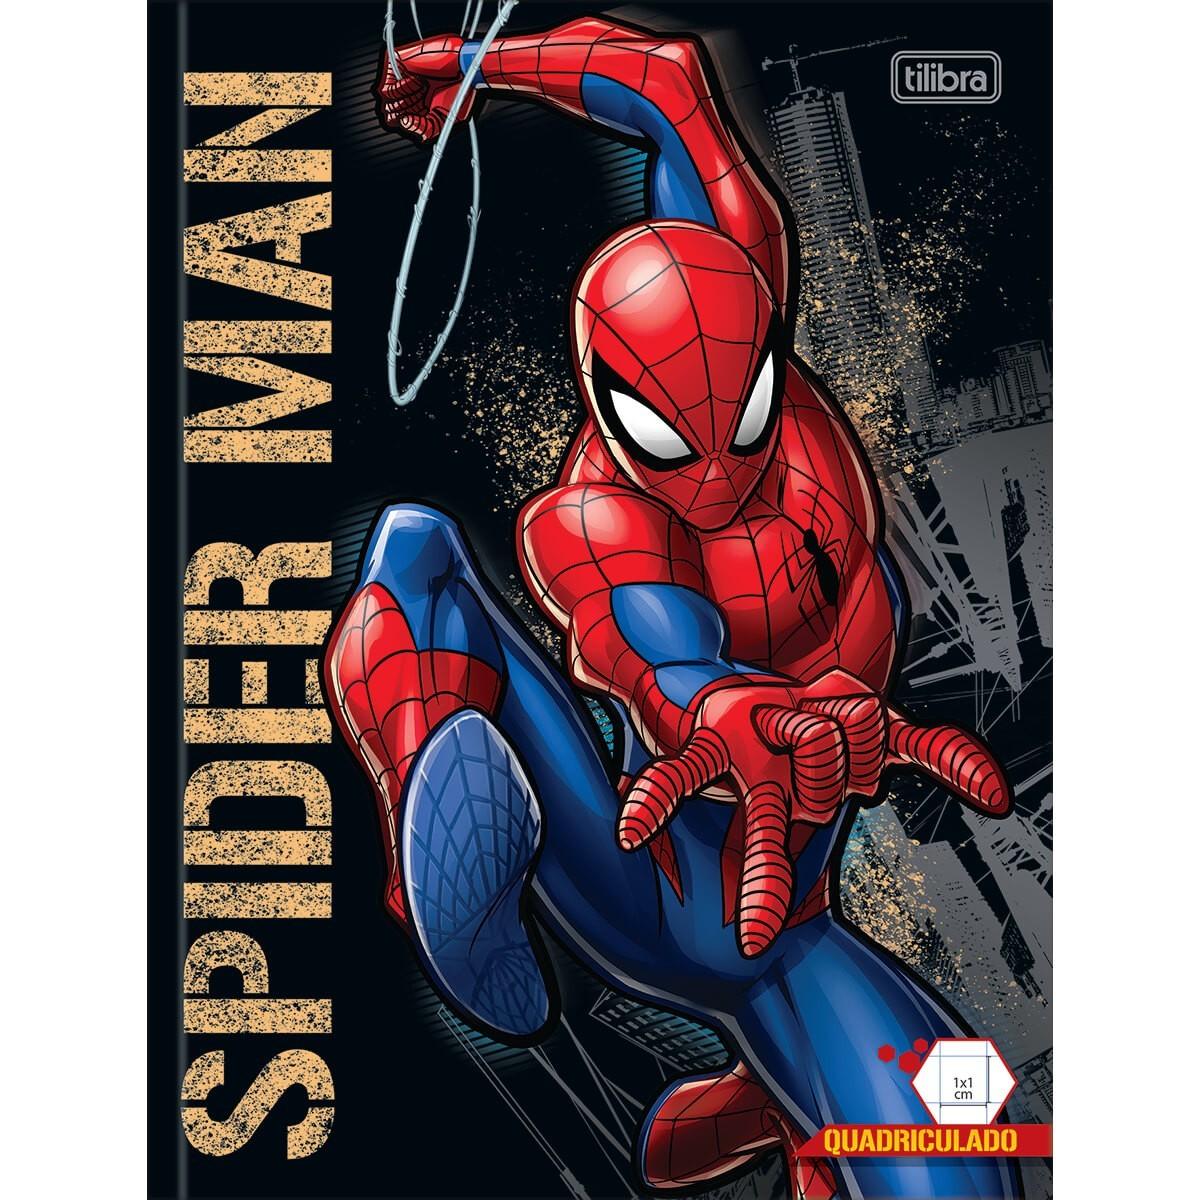 CADERNO QUADRICULADO SPIDER-MAN 40 FOLHAS 1mm X 1mm - CAPAS SORTIDAS